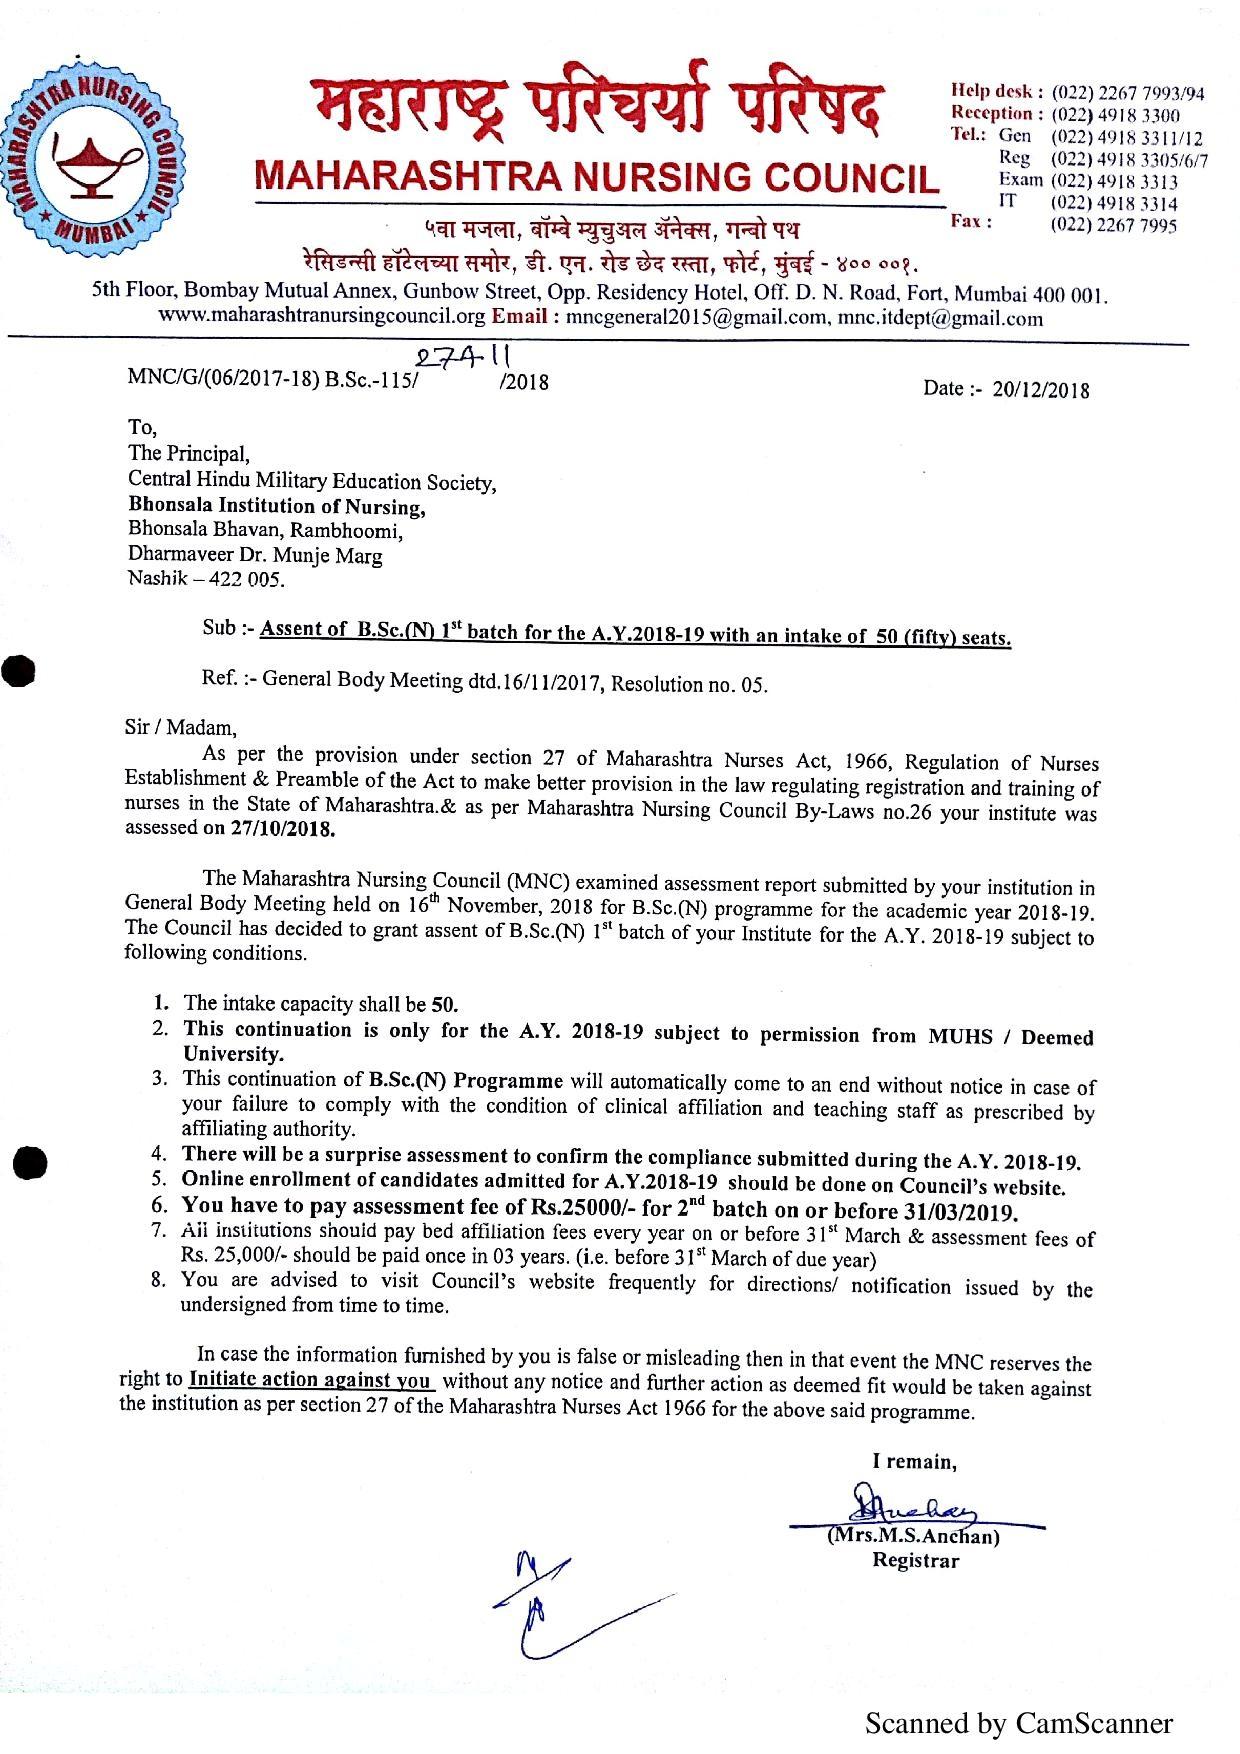 MNC Permission Letter_1&n